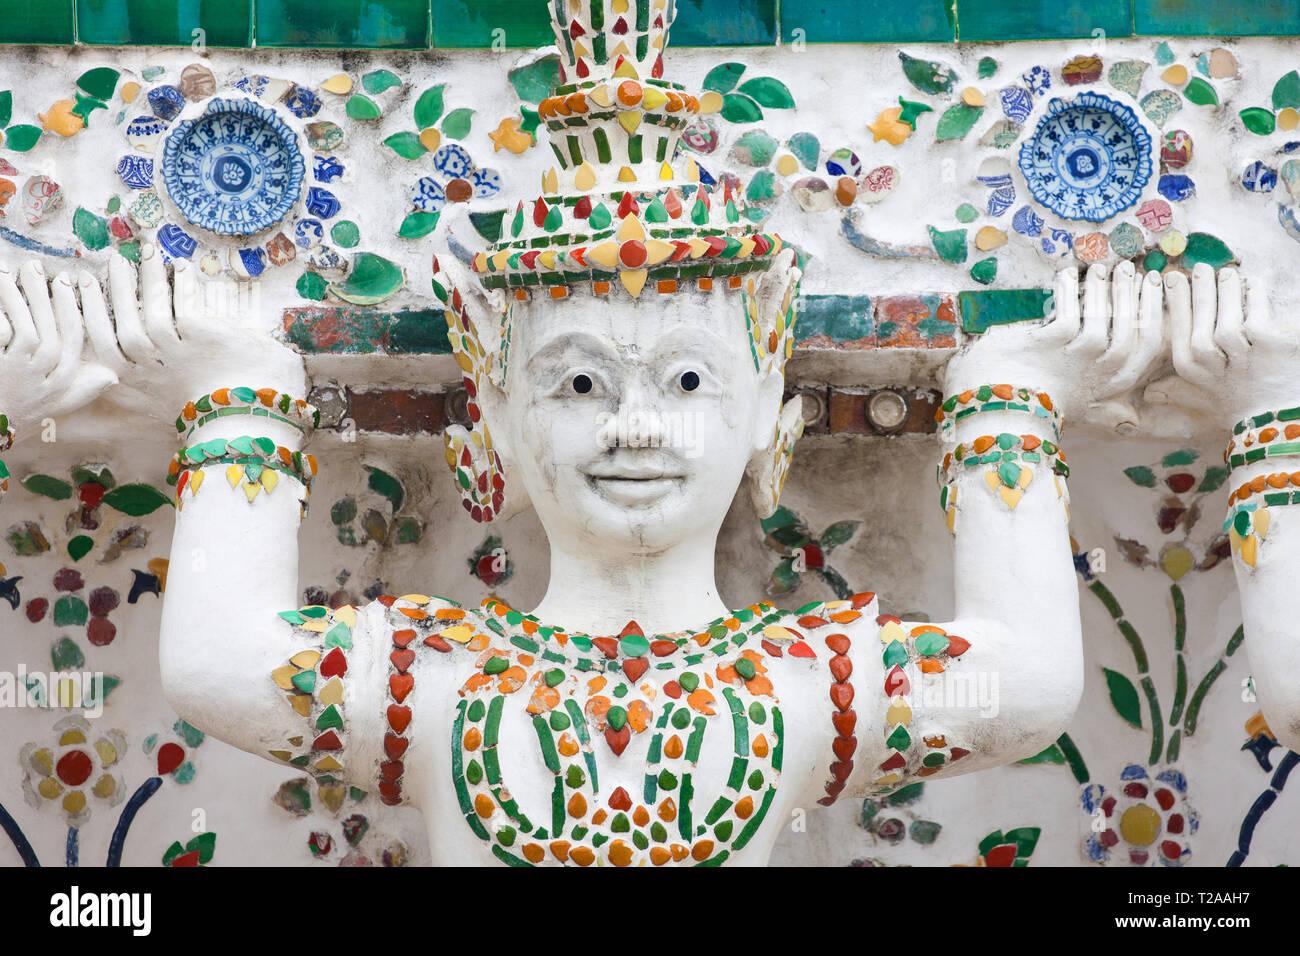 Cariatide di Wat Arun, Bangkok, Thailandia. Immagini Stock